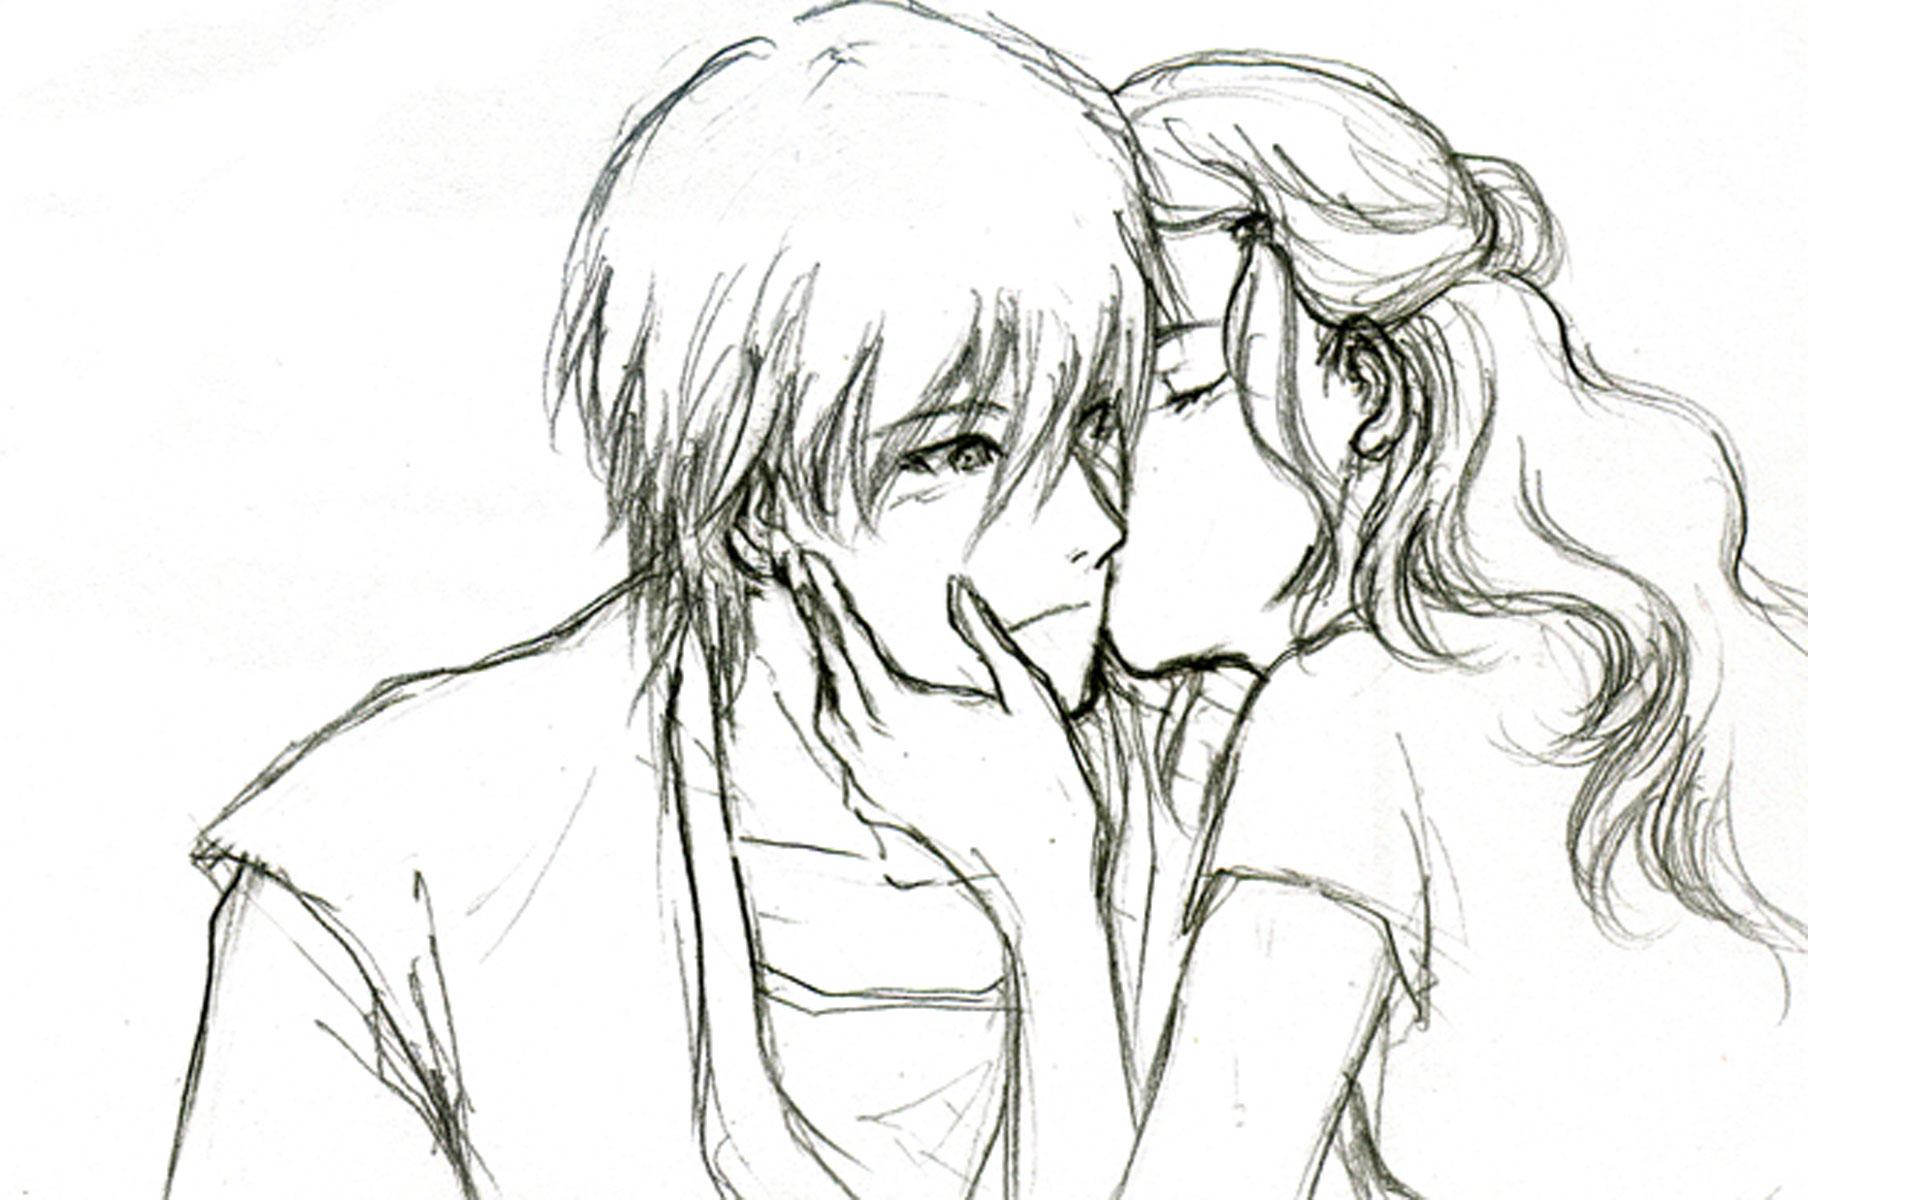 1920x1200 Pencil Sketch Of Love Cute Love Drawings Pencil Art Hd Romantic